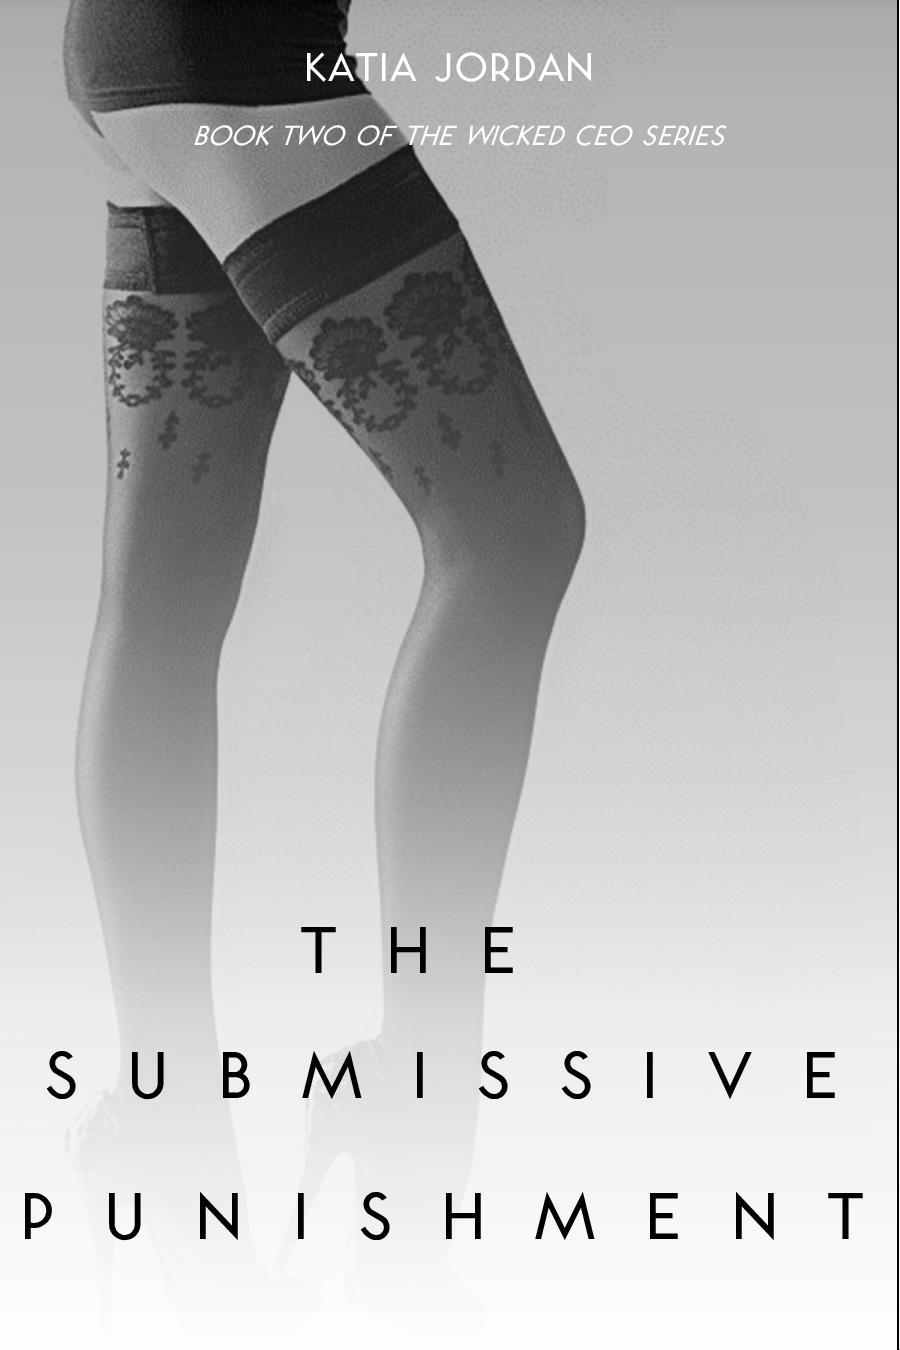 The submissive punishment